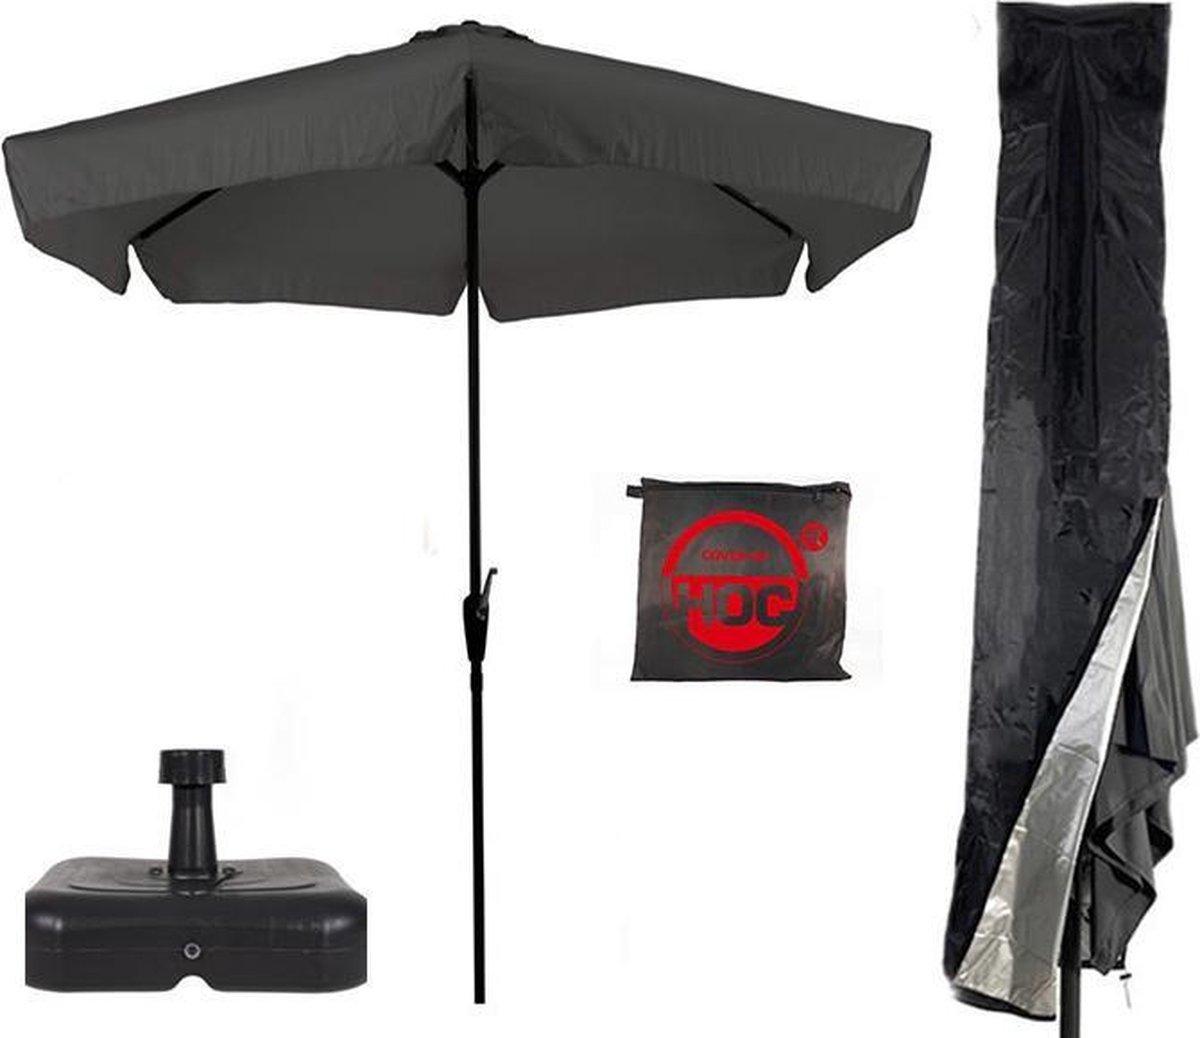 Parasol + Parasolvoet + Parasolhoes ( Grijs / Antraciet - vulbare parasolvoet - CUHOC Parasolhoes )